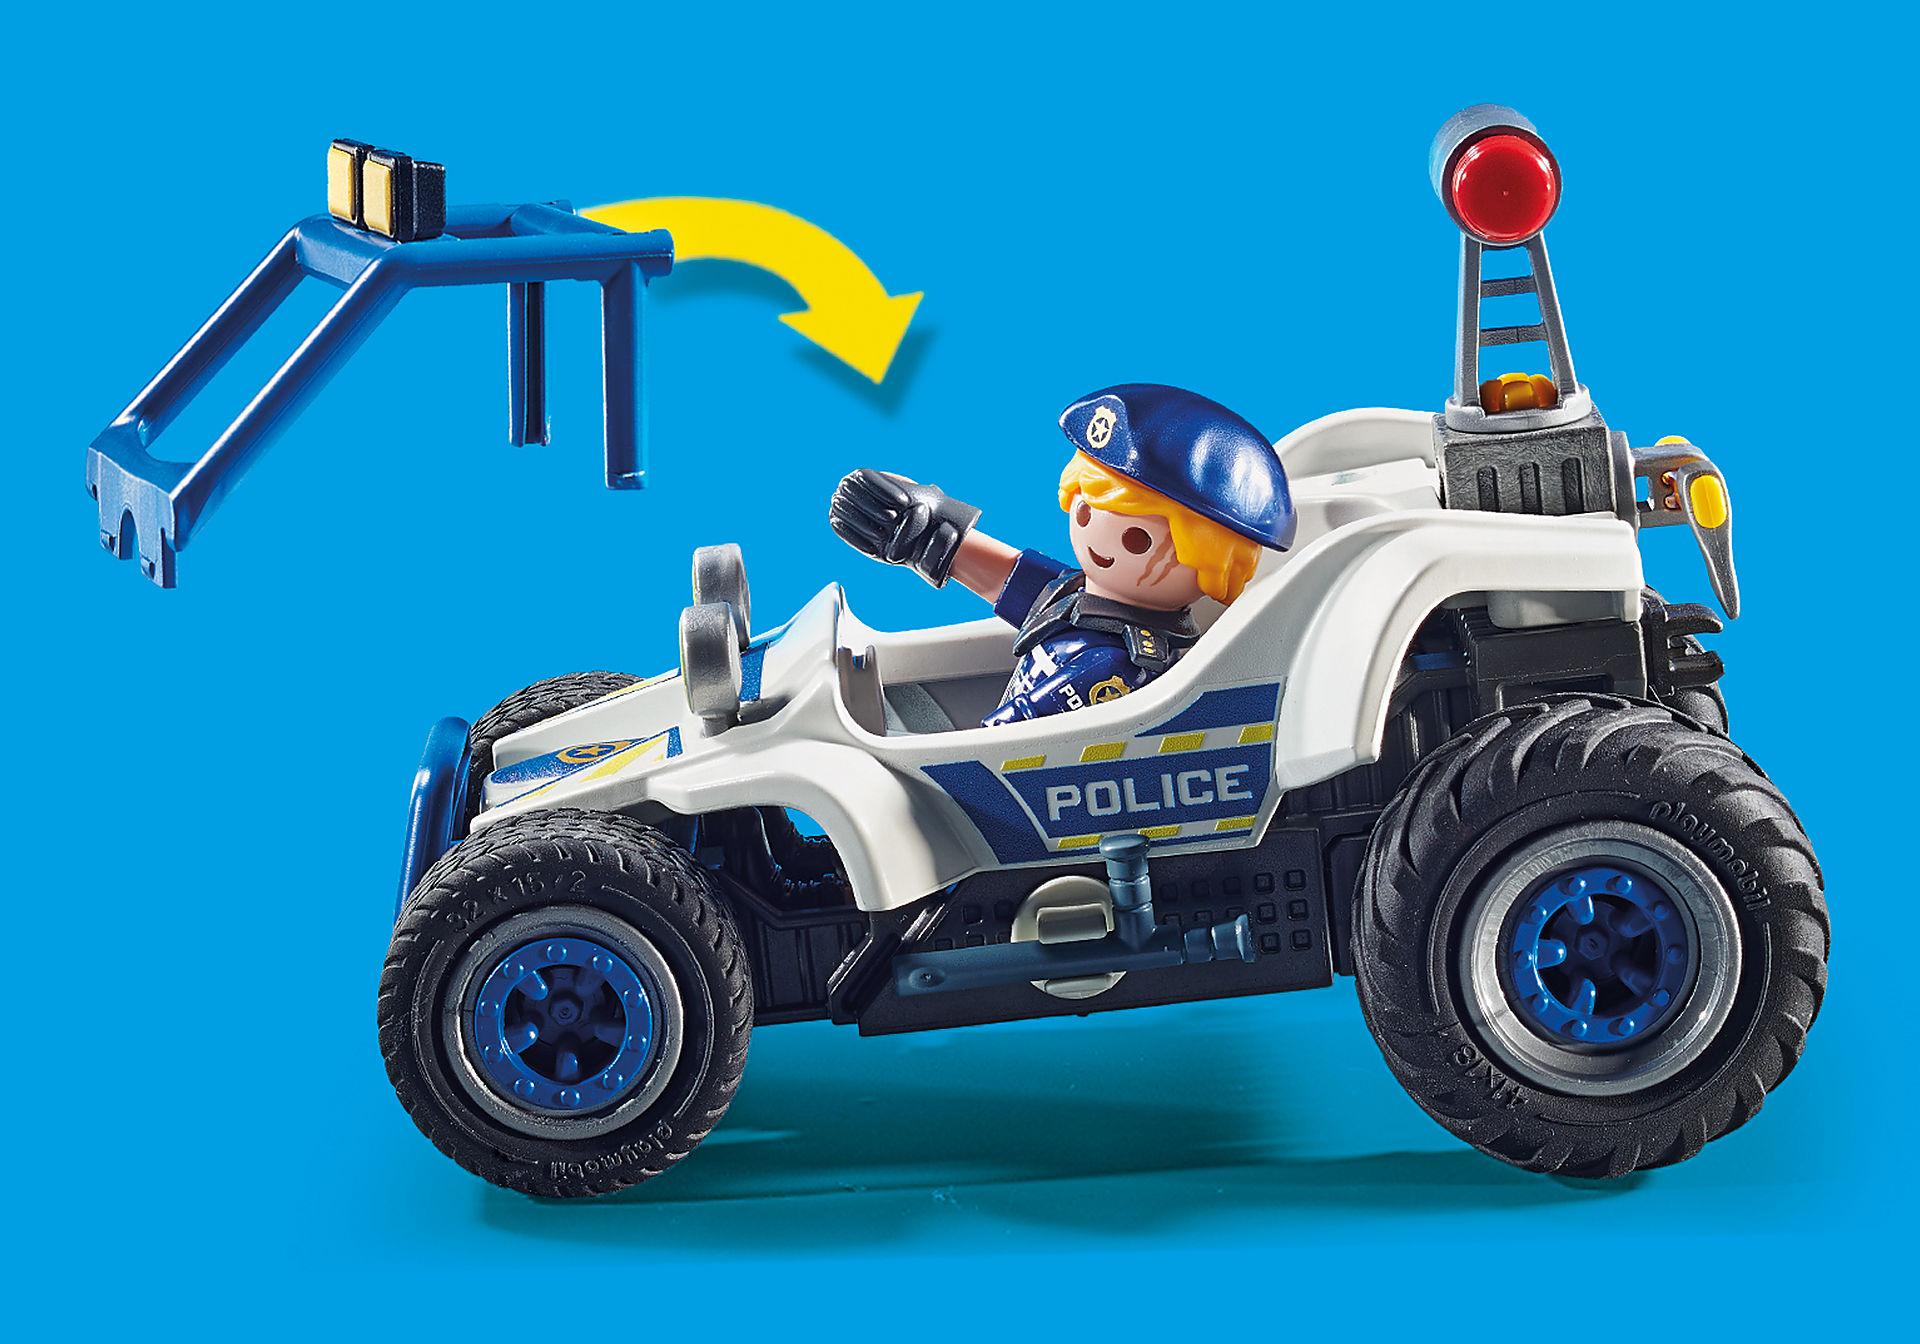 70570 Policyjny samochód terenowy: Pościg za złodziejem skarbu zoom image5